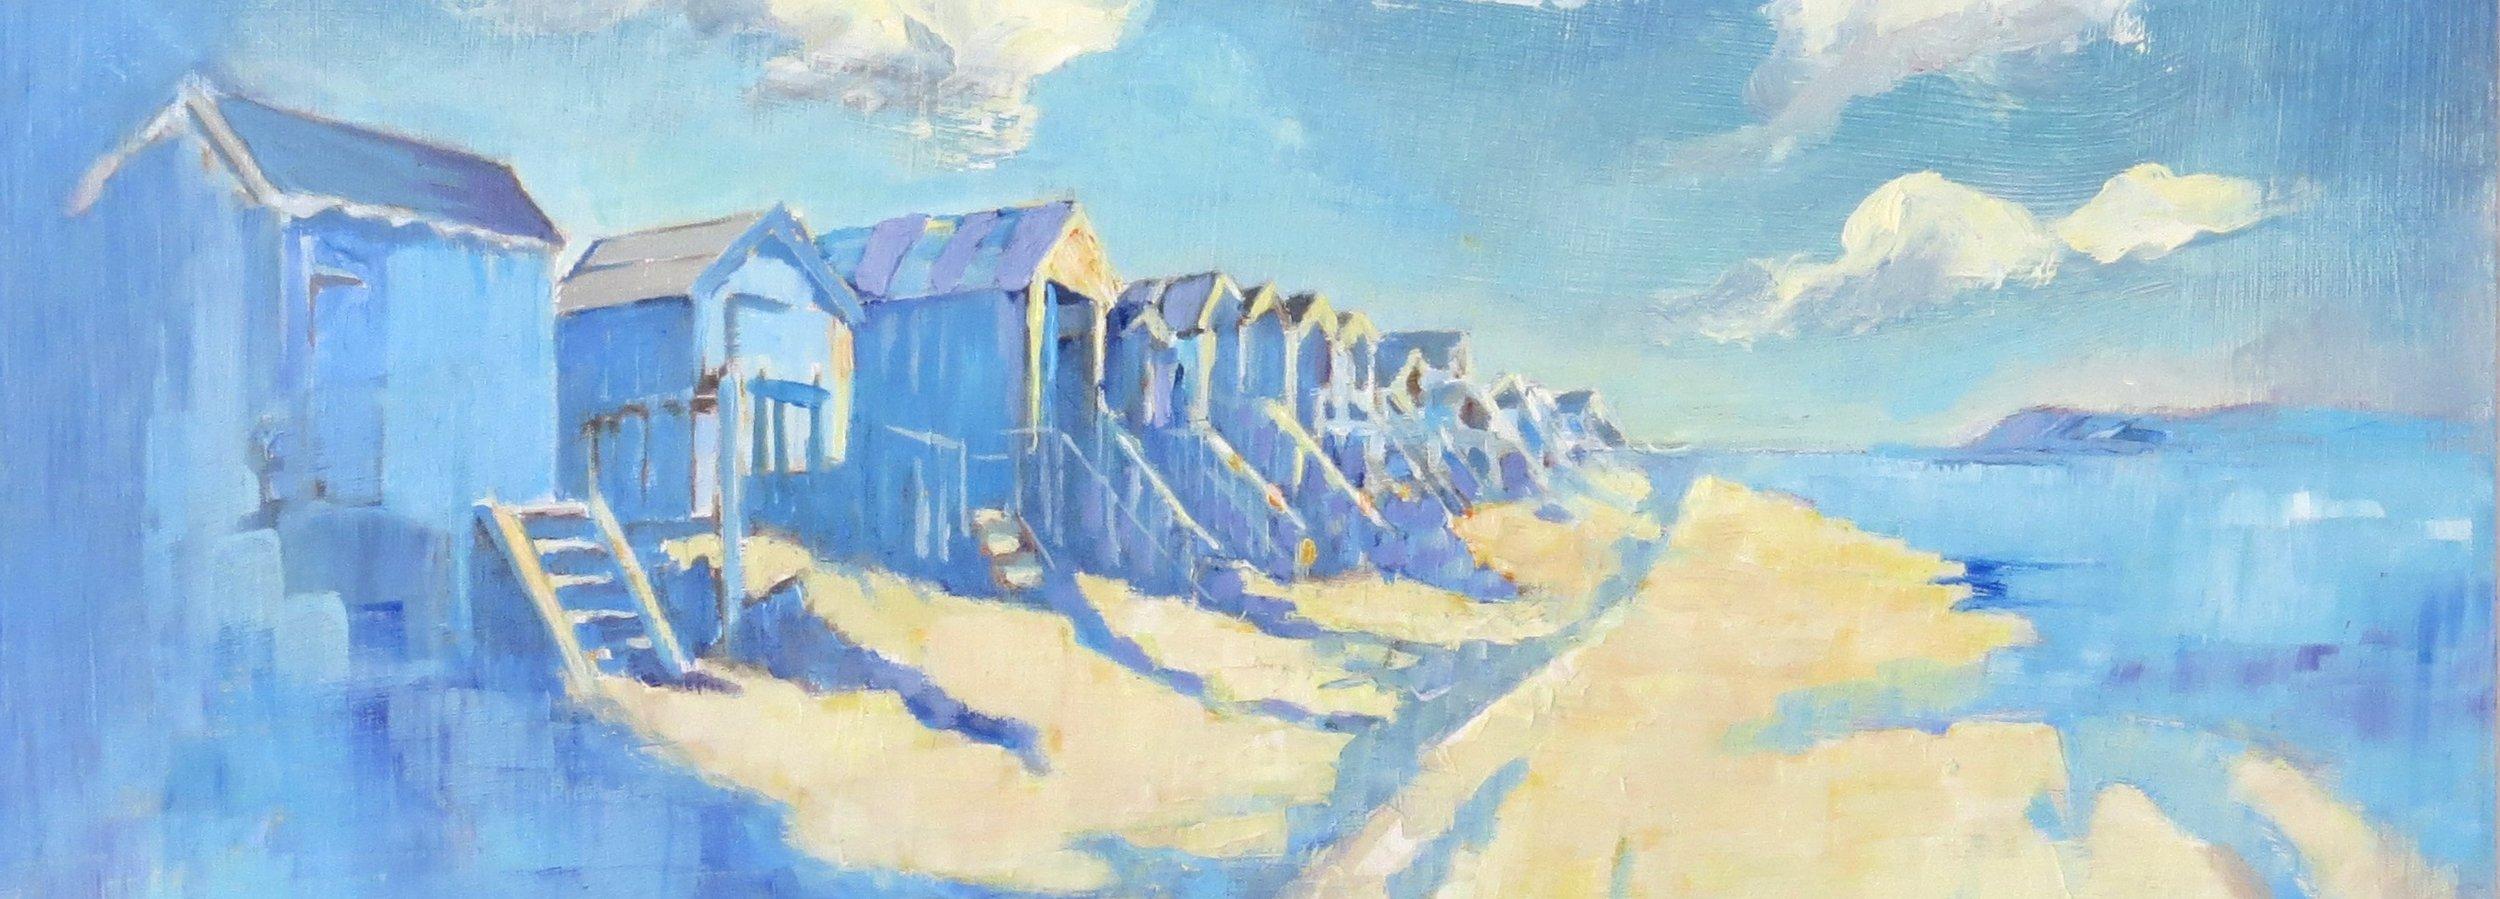 mary kemp. Beach hut wells oil on canvas panel 40 x 40 cm.jpg